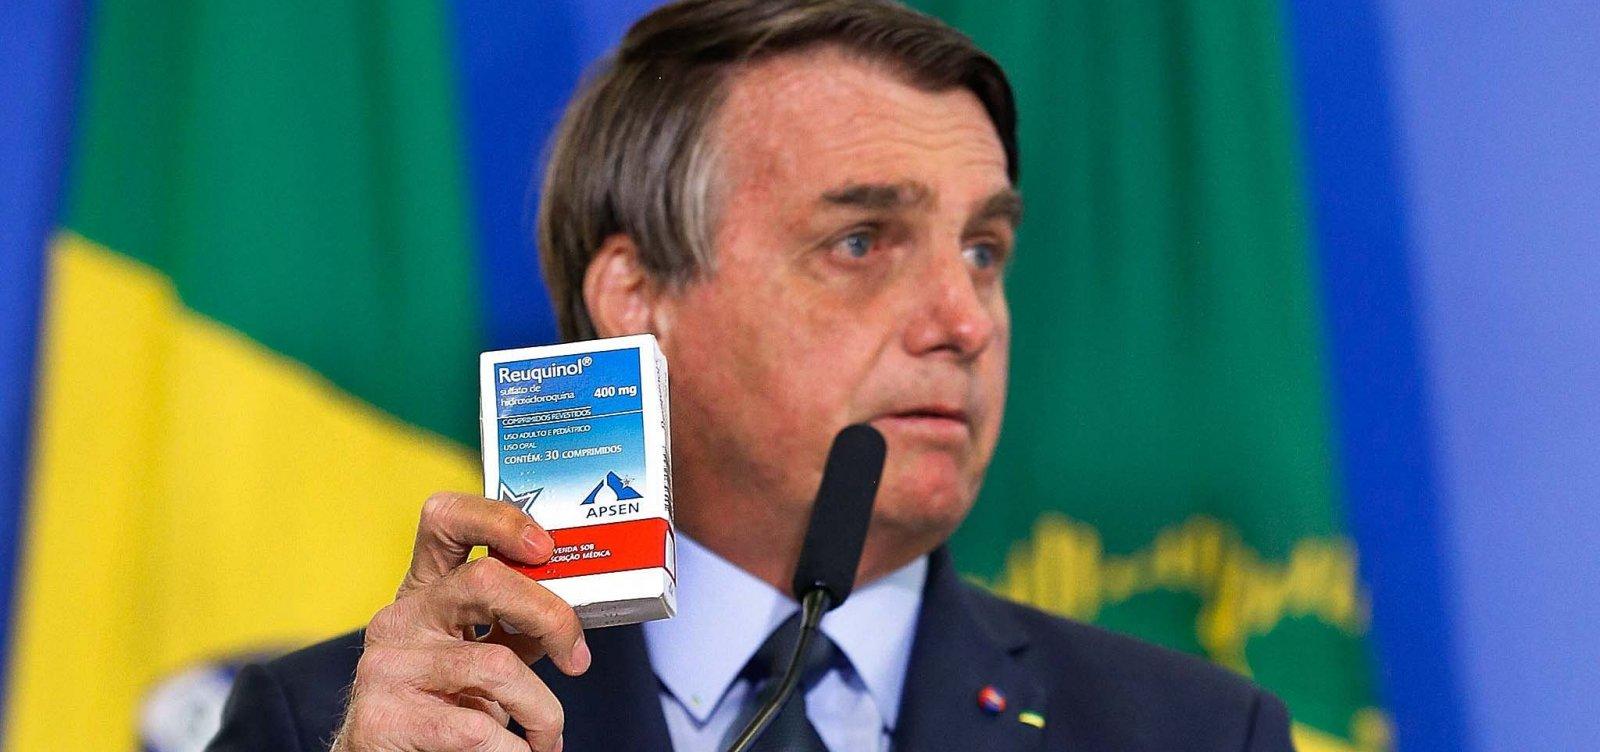 Sem eficácia para Covid-19, venda de cloroquina dobra e de ivermectina quintuplica em 2020